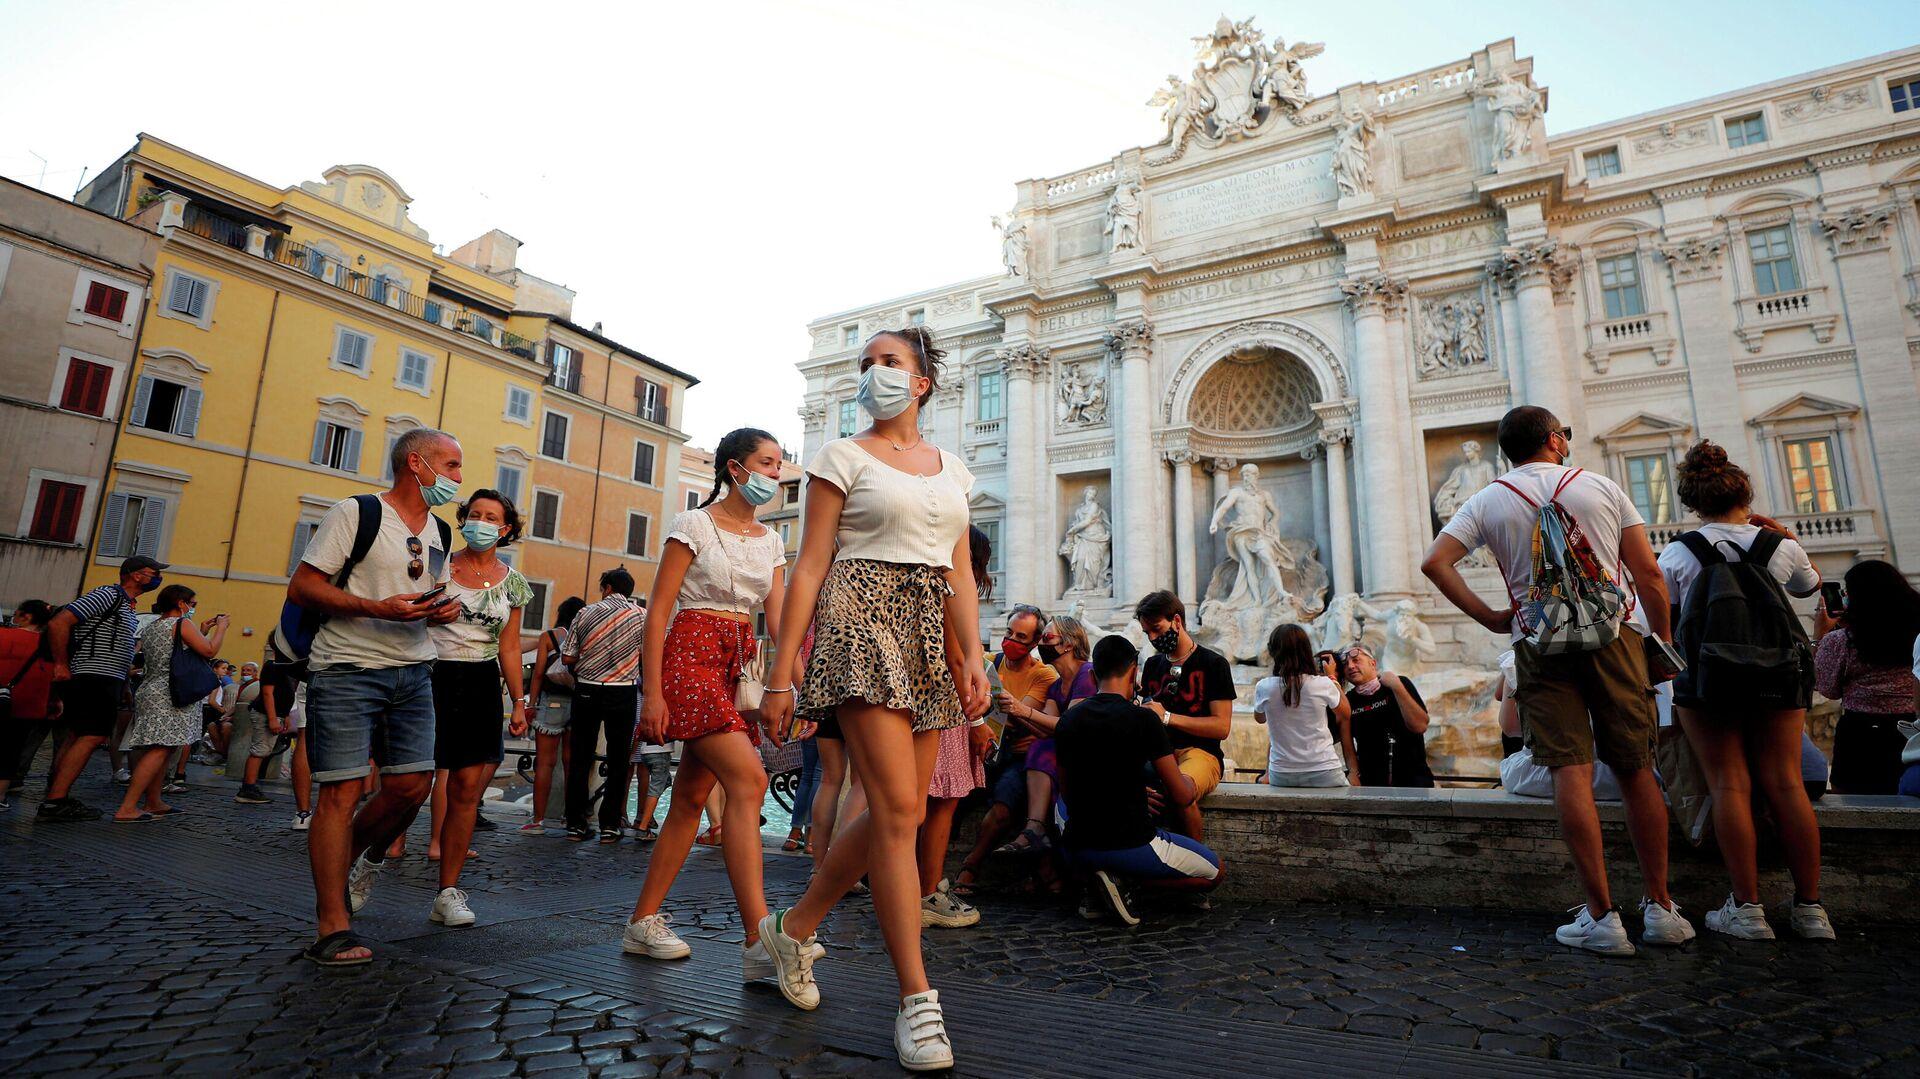 Люди в защитных масках около фонтана Треви в Риме  - РИА Новости, 1920, 18.09.2020